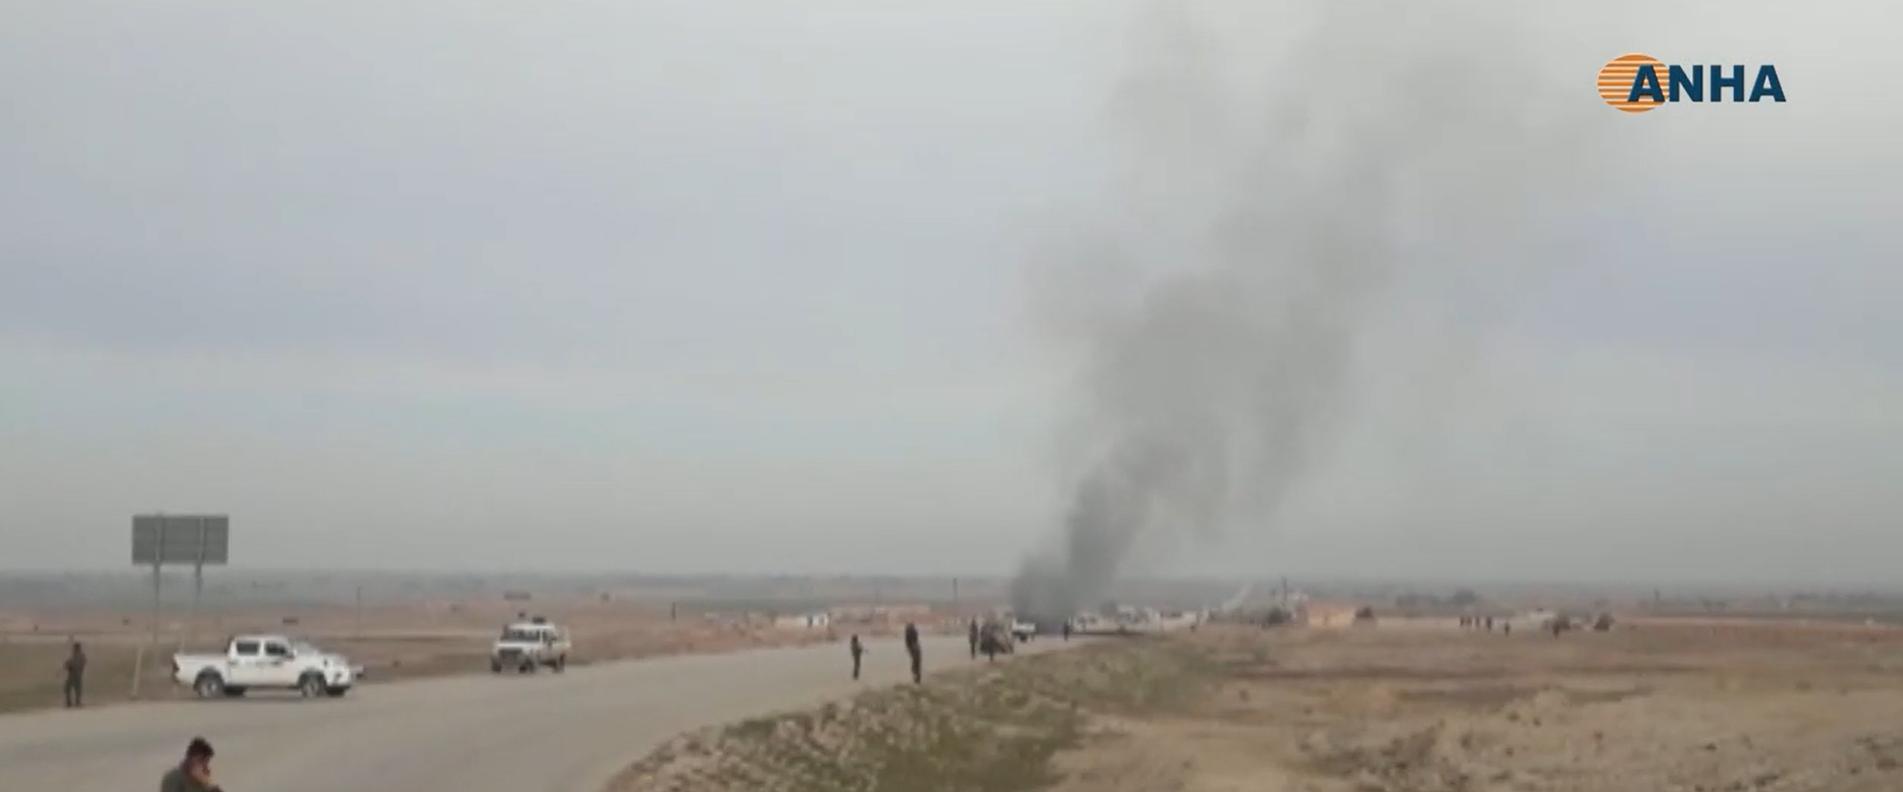 זירת הפיגוע בסוריה